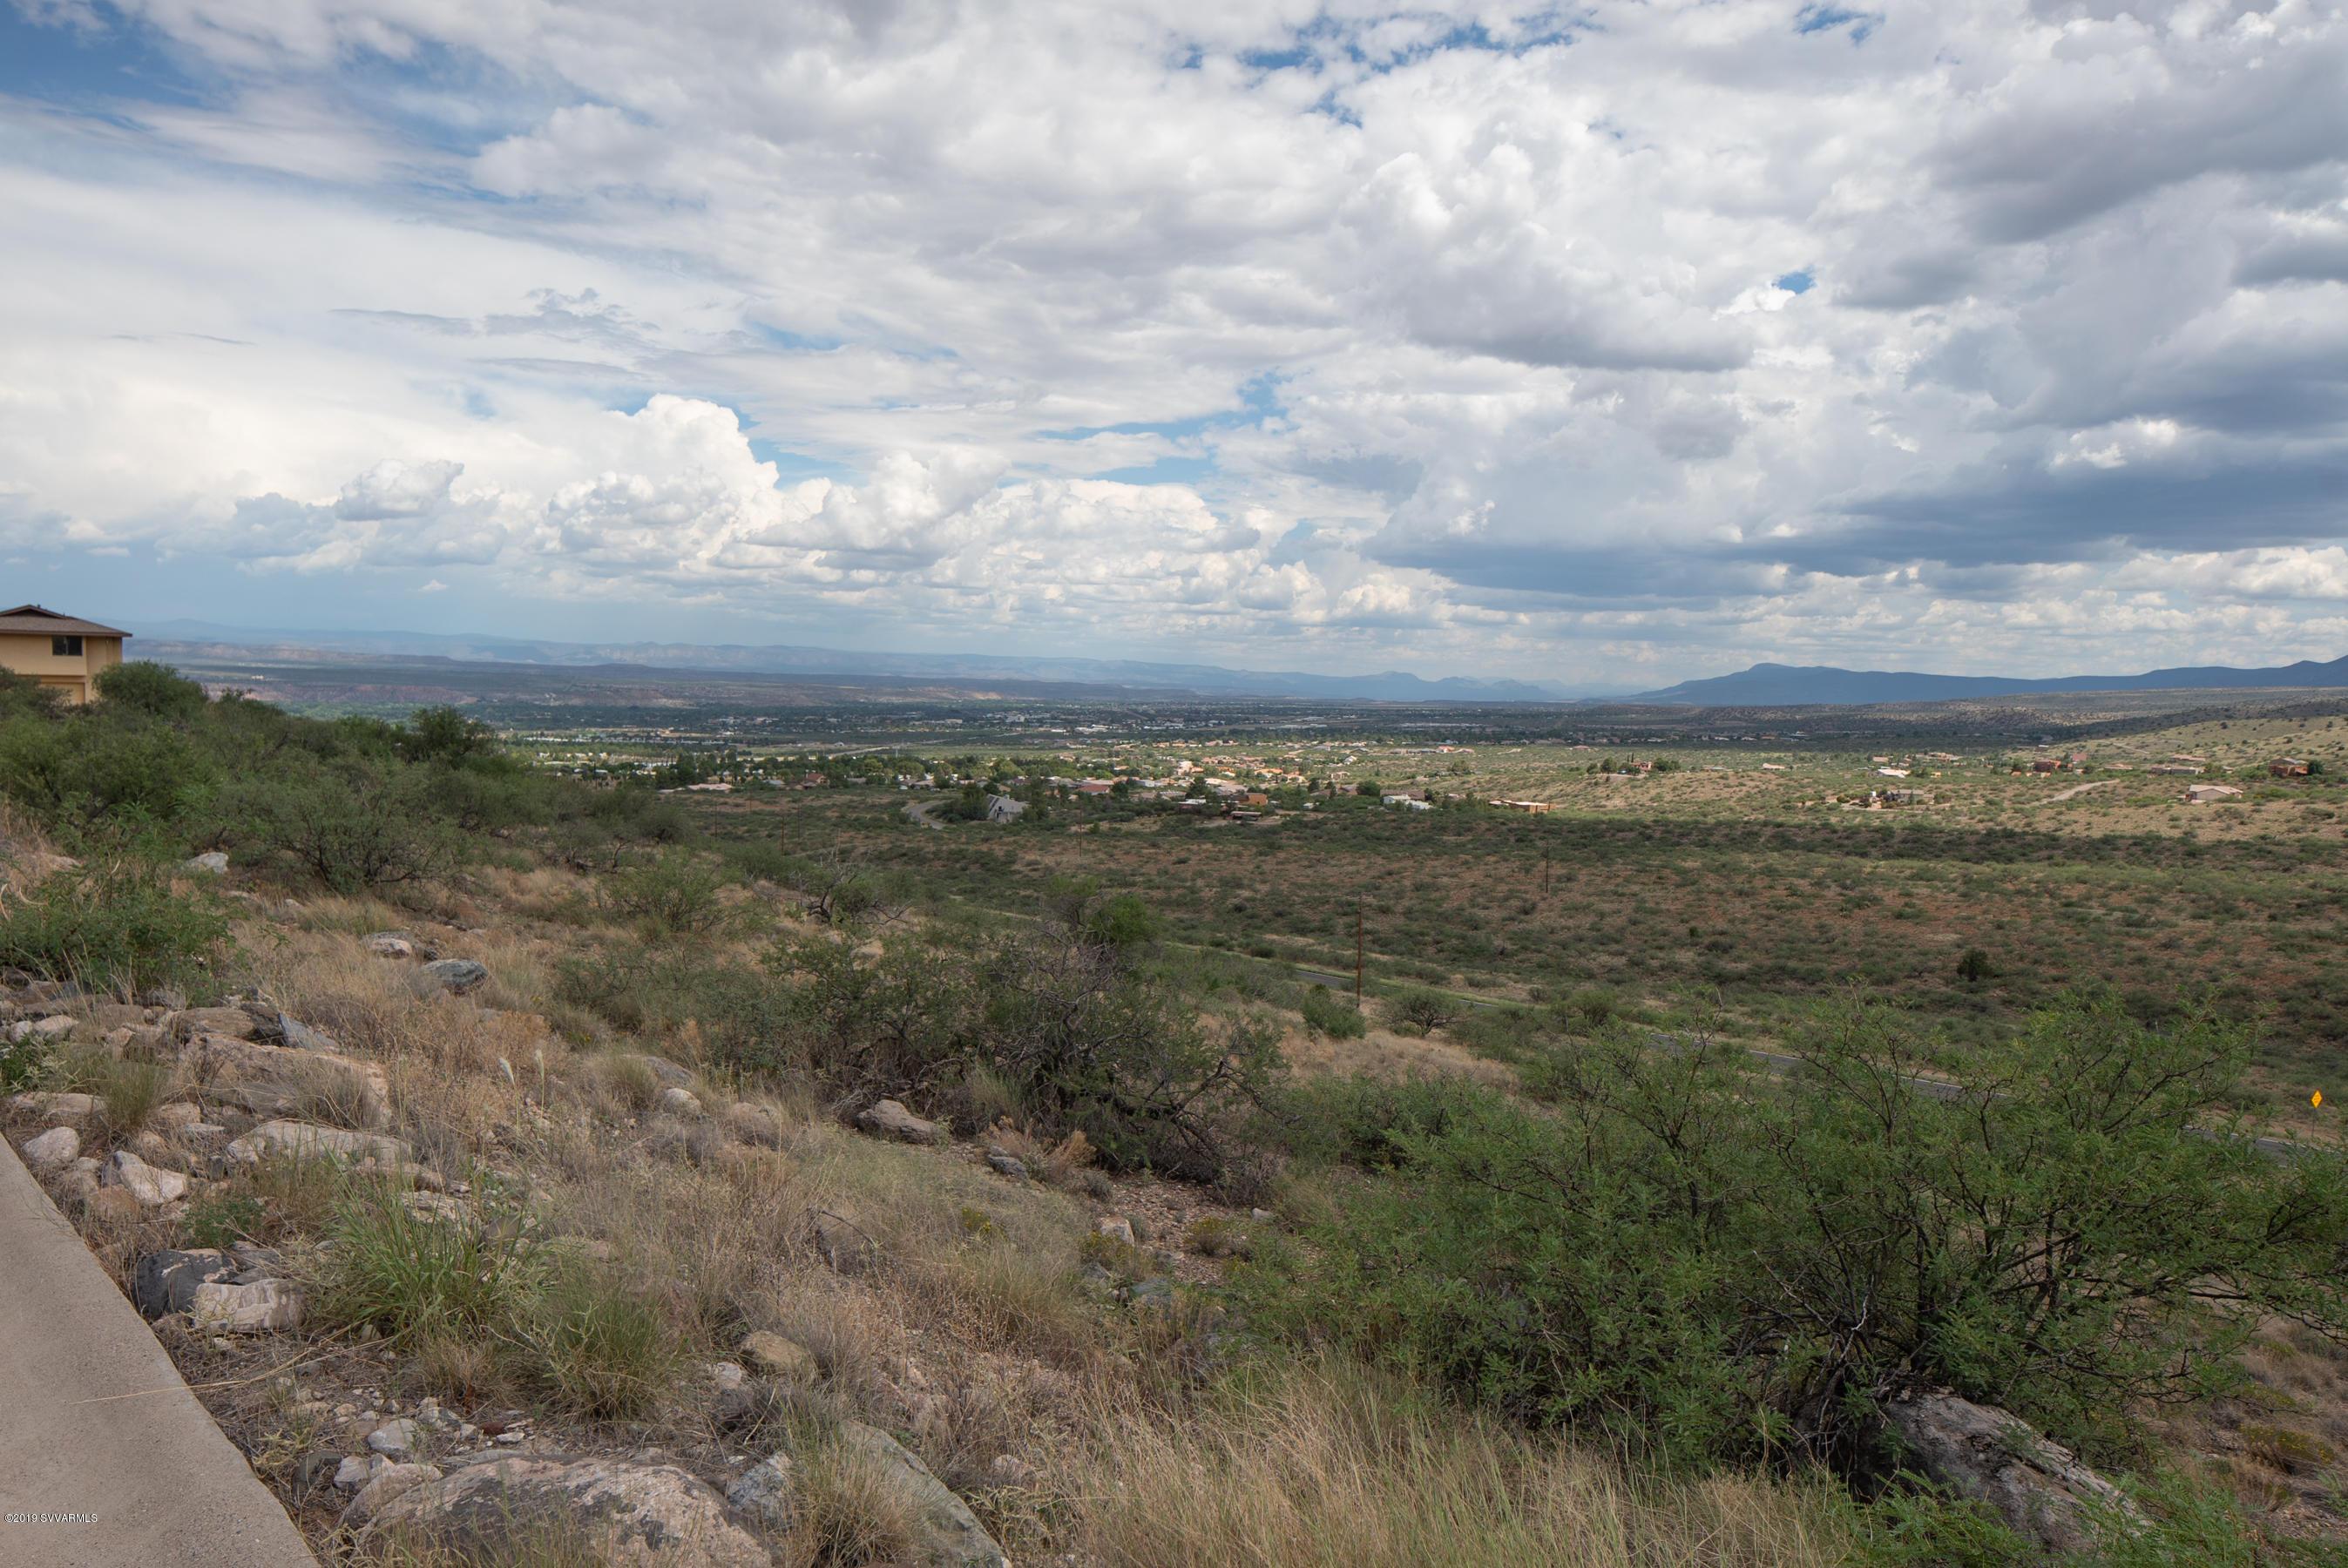 1681 Panorama Clarkdale, AZ 86324